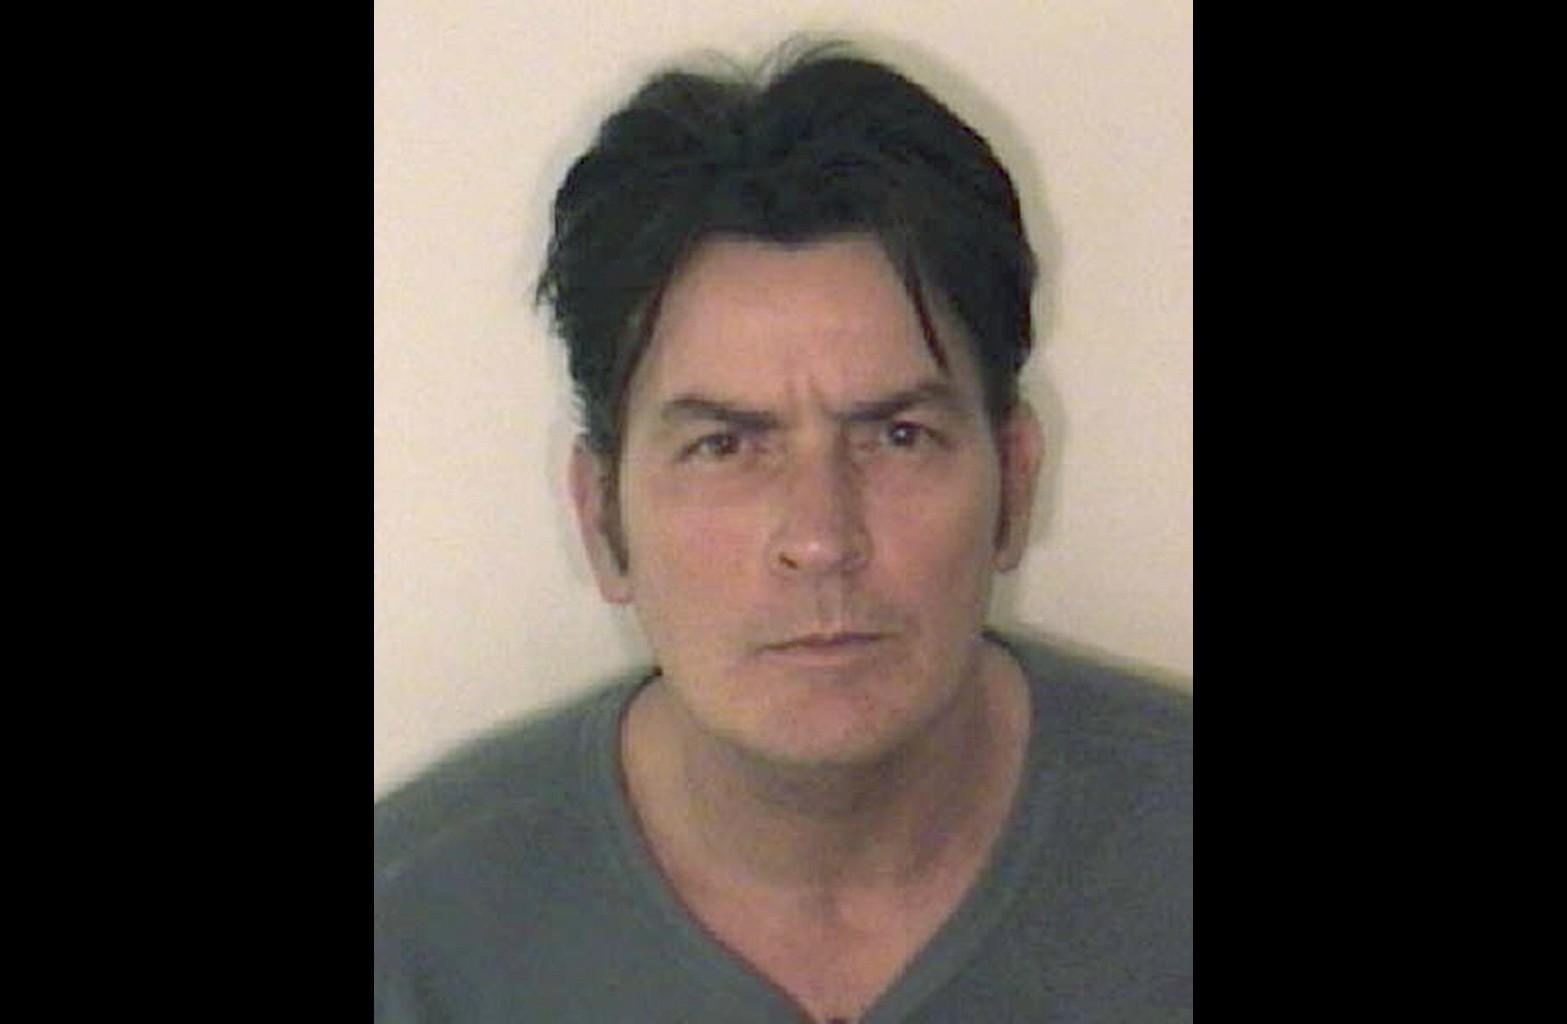 Charlie Sheen durante a vida. Da última vez, foi preso por péssima conduta em um hotel depois de consumir altas doses de cocaína. (Foto: Divulgação)